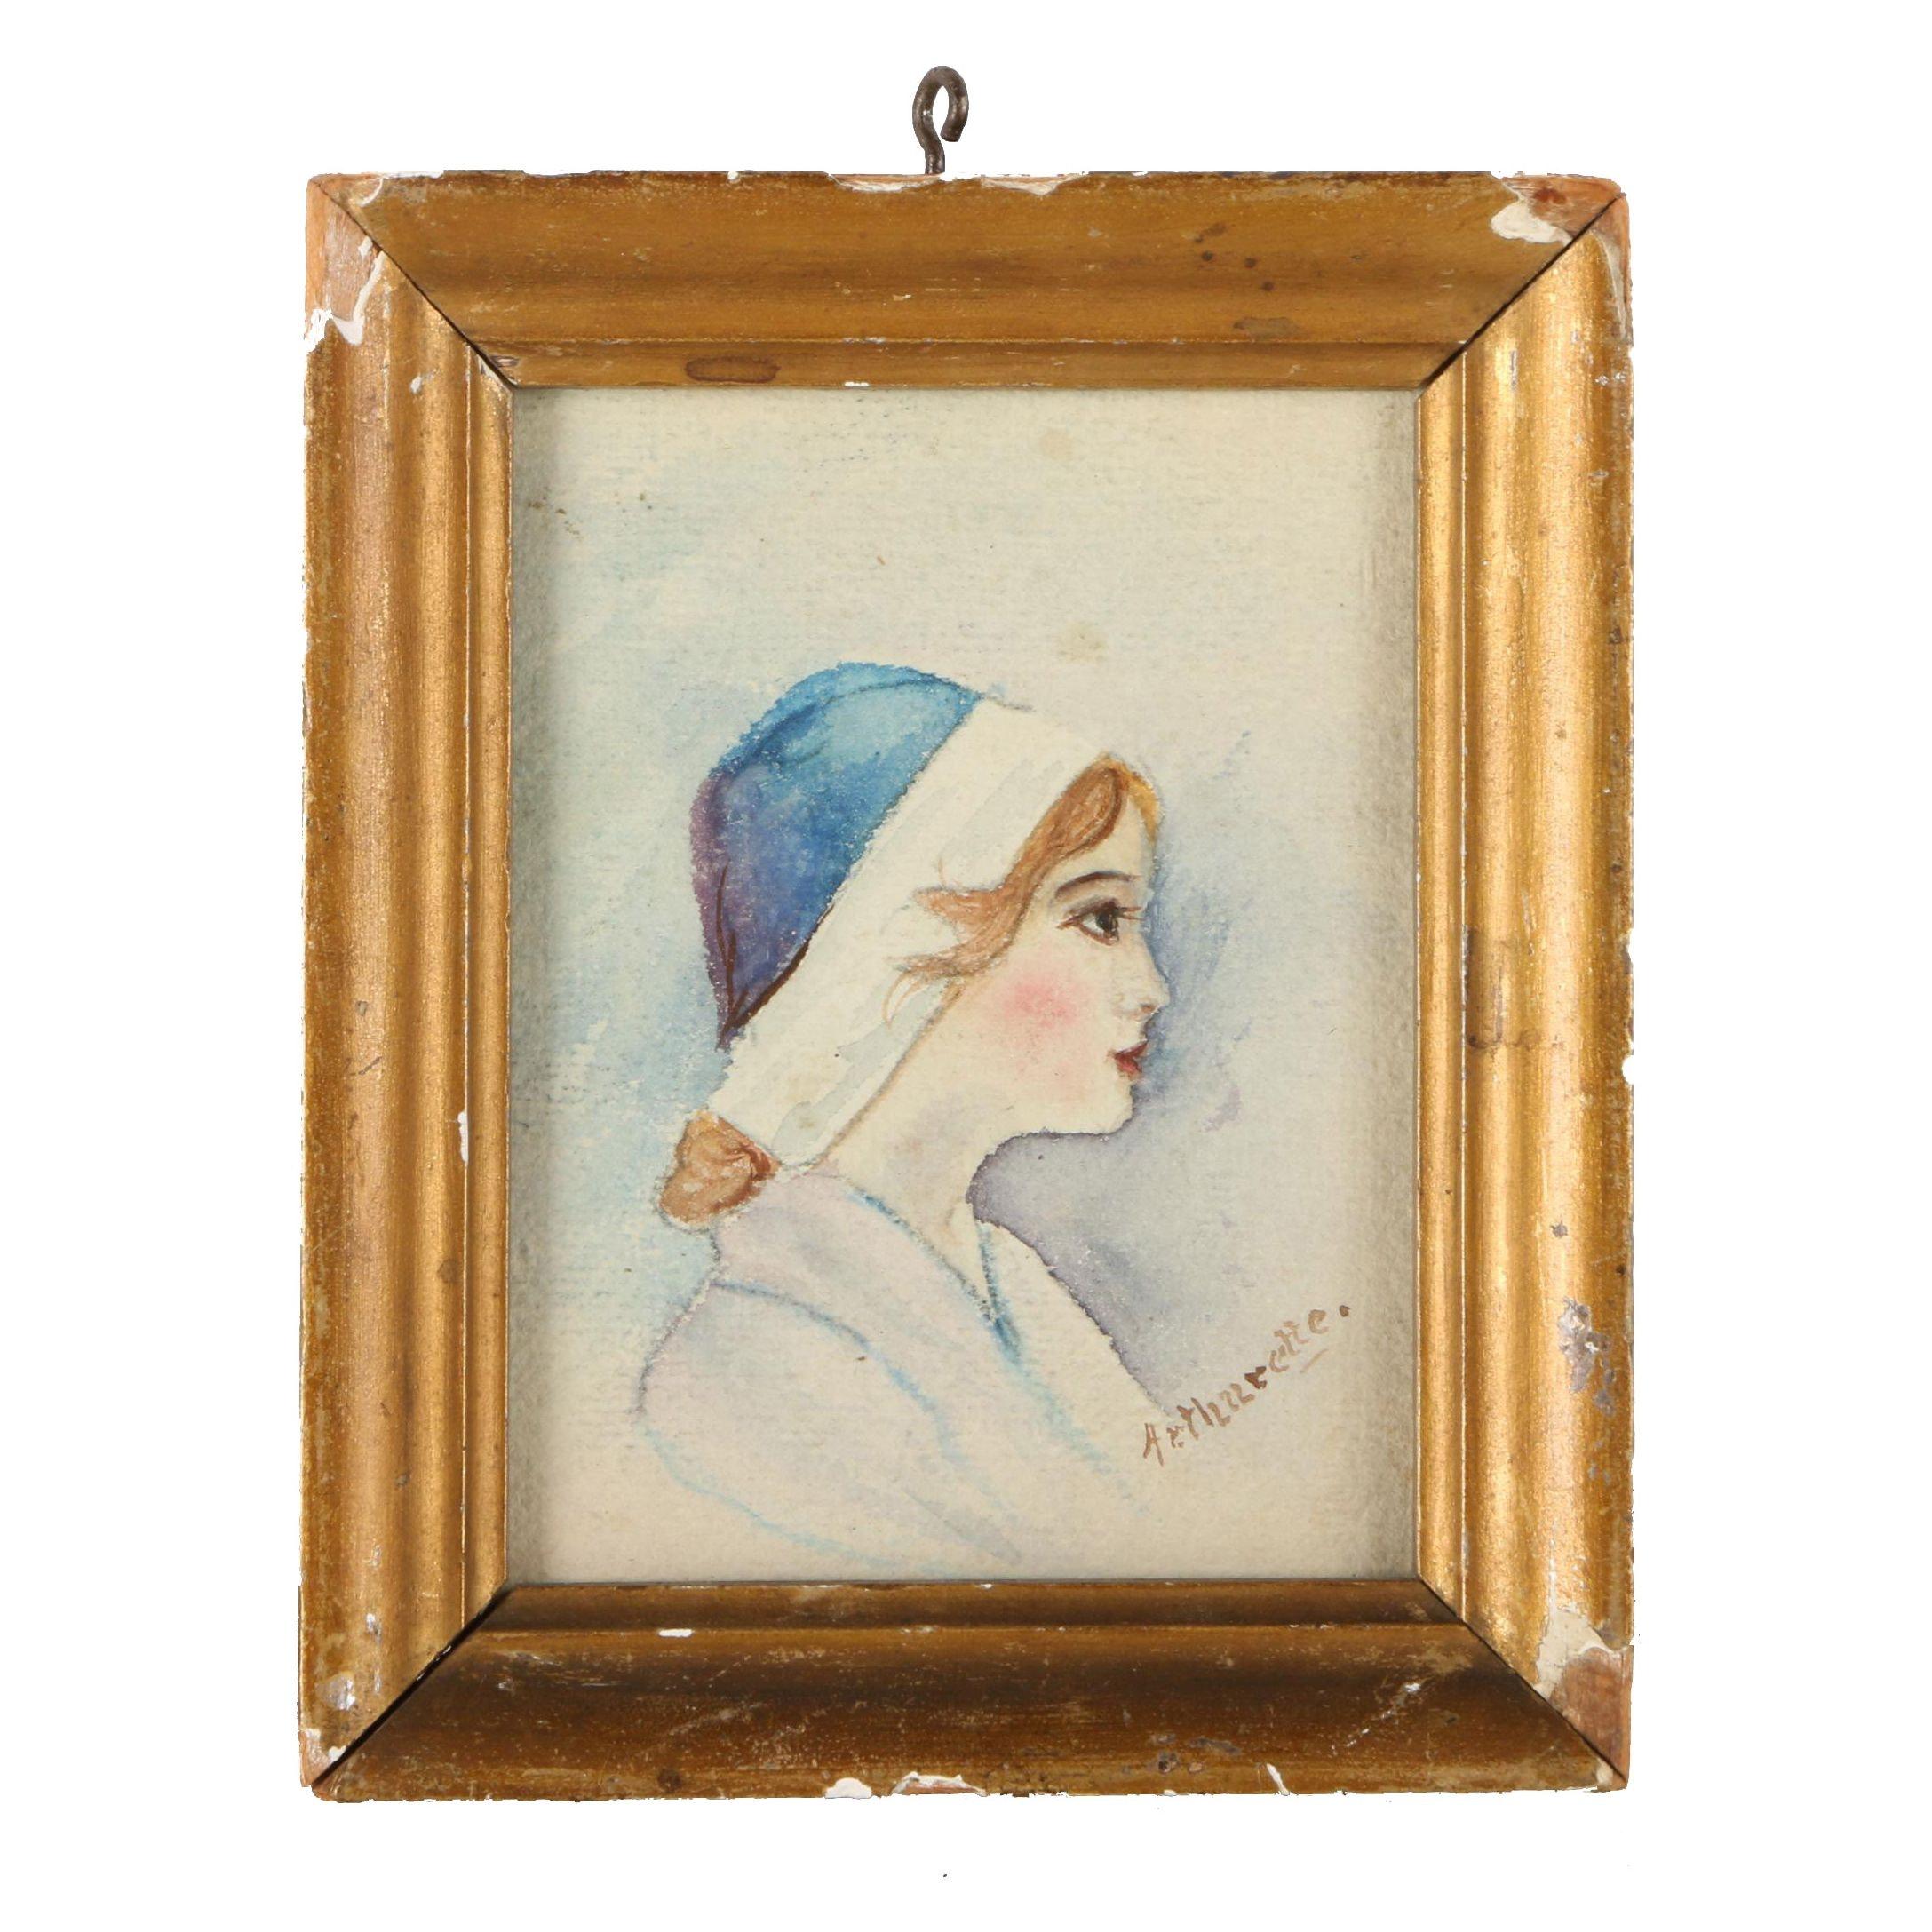 Arthurette Watercolor Portrait of a Young Woman